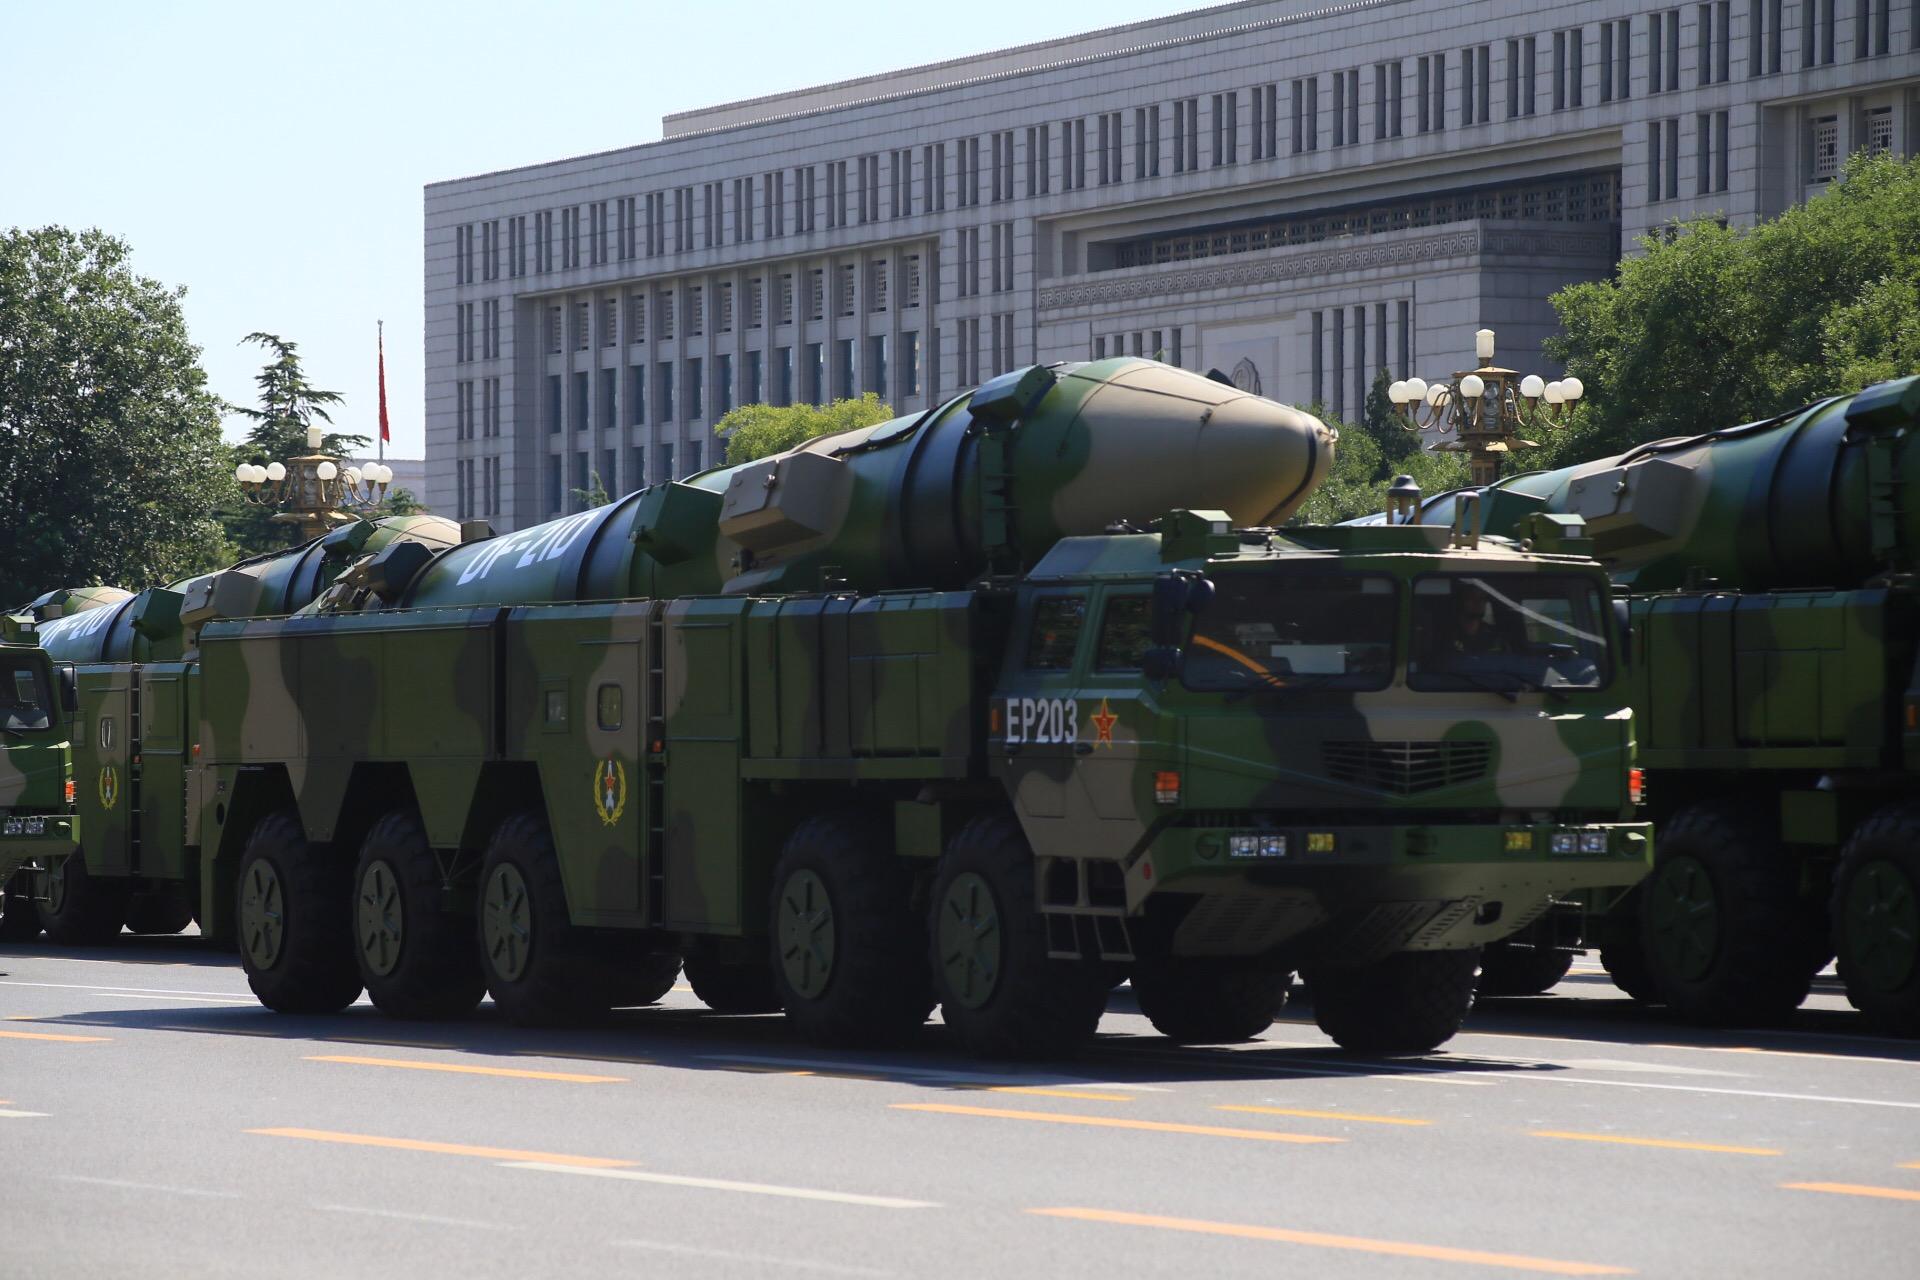 「空母キラー」、DF-21D対艦弾道ミサイル